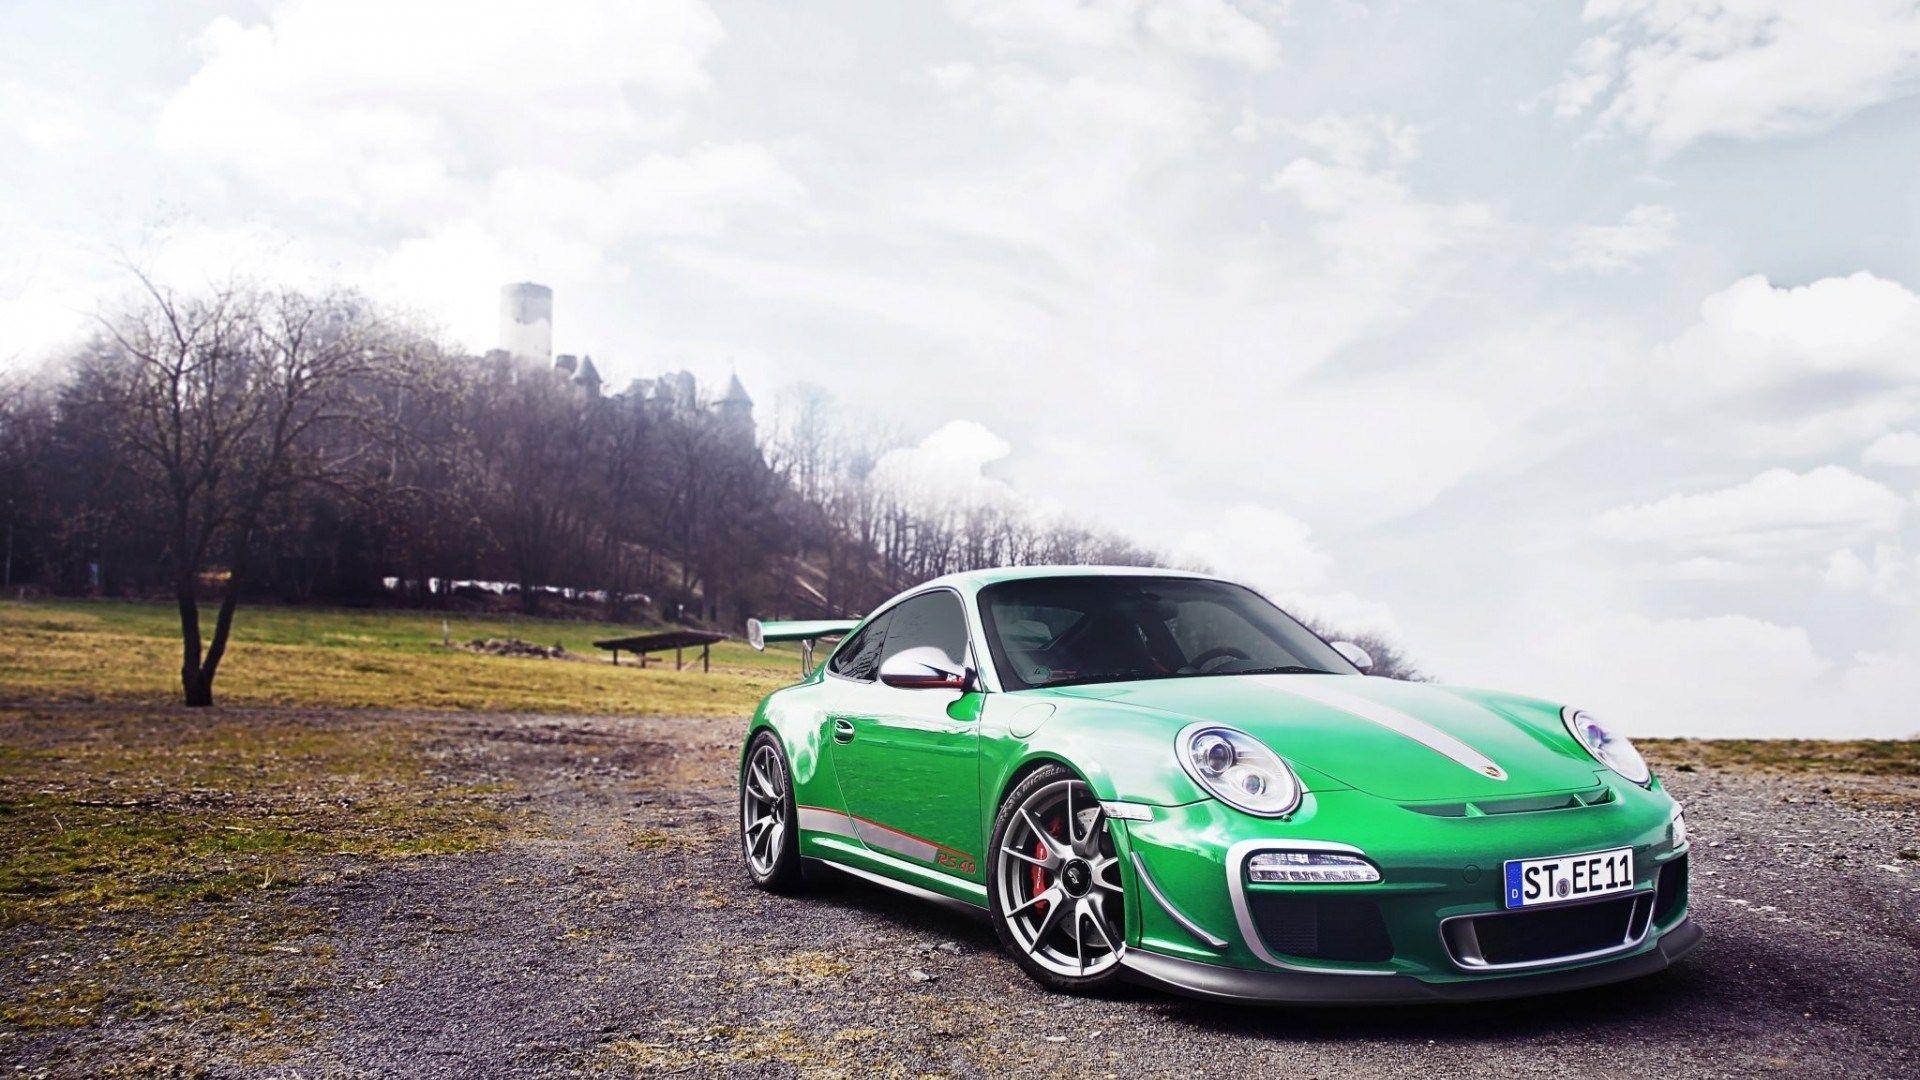 Porsche 911 GT3 RS 2018 Wallpapers - Wallpaper Cave